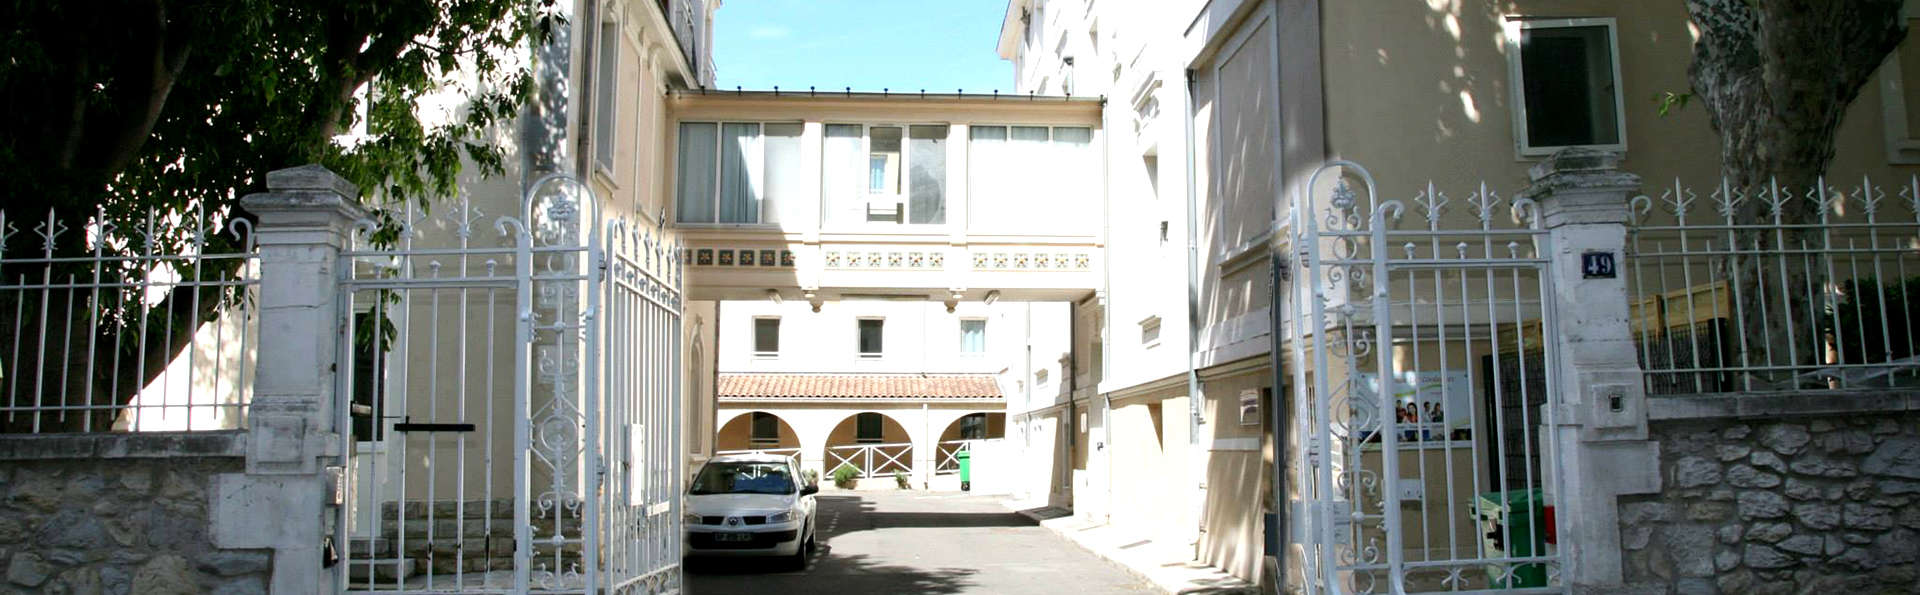 Résidence Les Cordeliers - Edit_Entrance.jpg